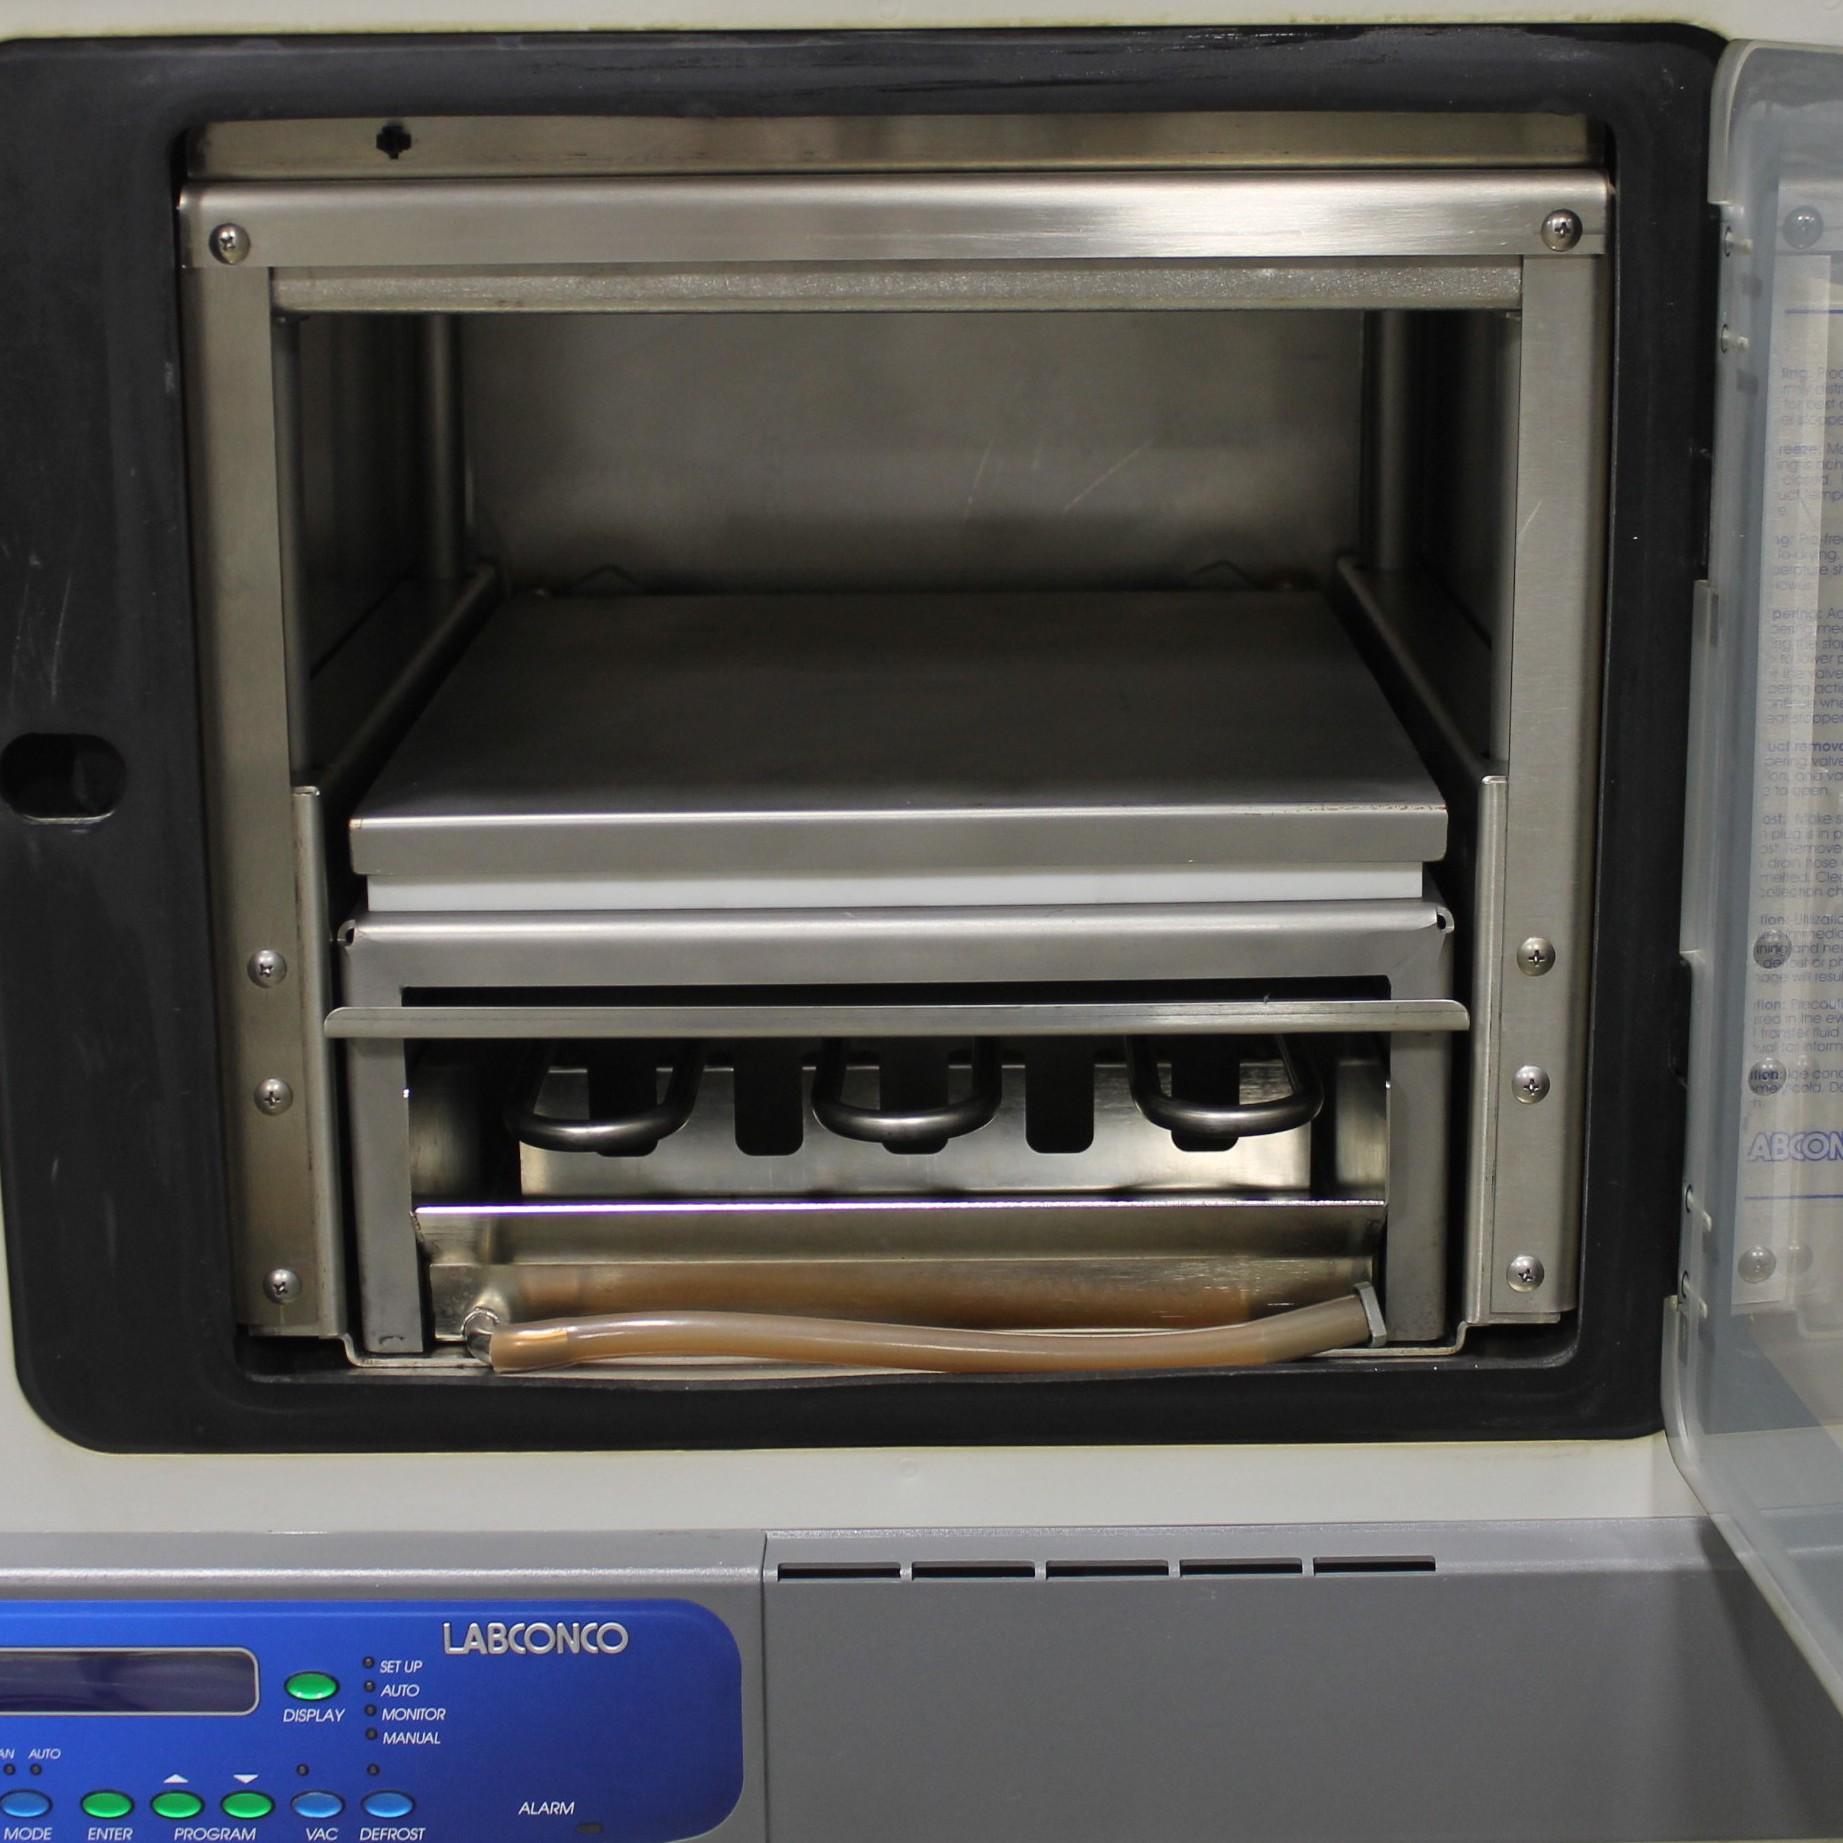 Refurbished Labconco FreeZone Triad 2 5 Liter Freeze Dry Systems